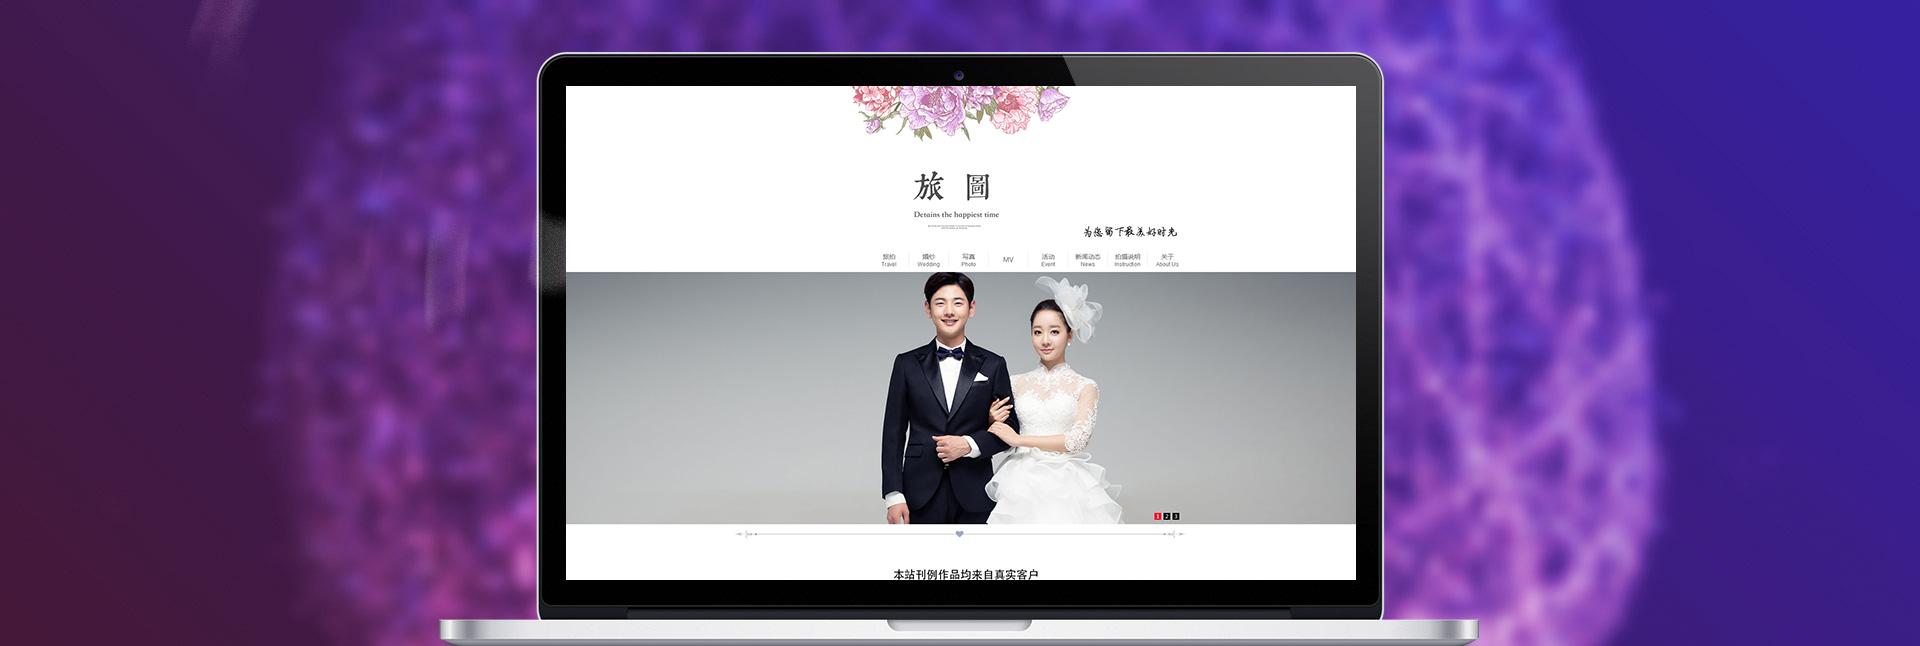 深圳旅图婚纱摄影工作室